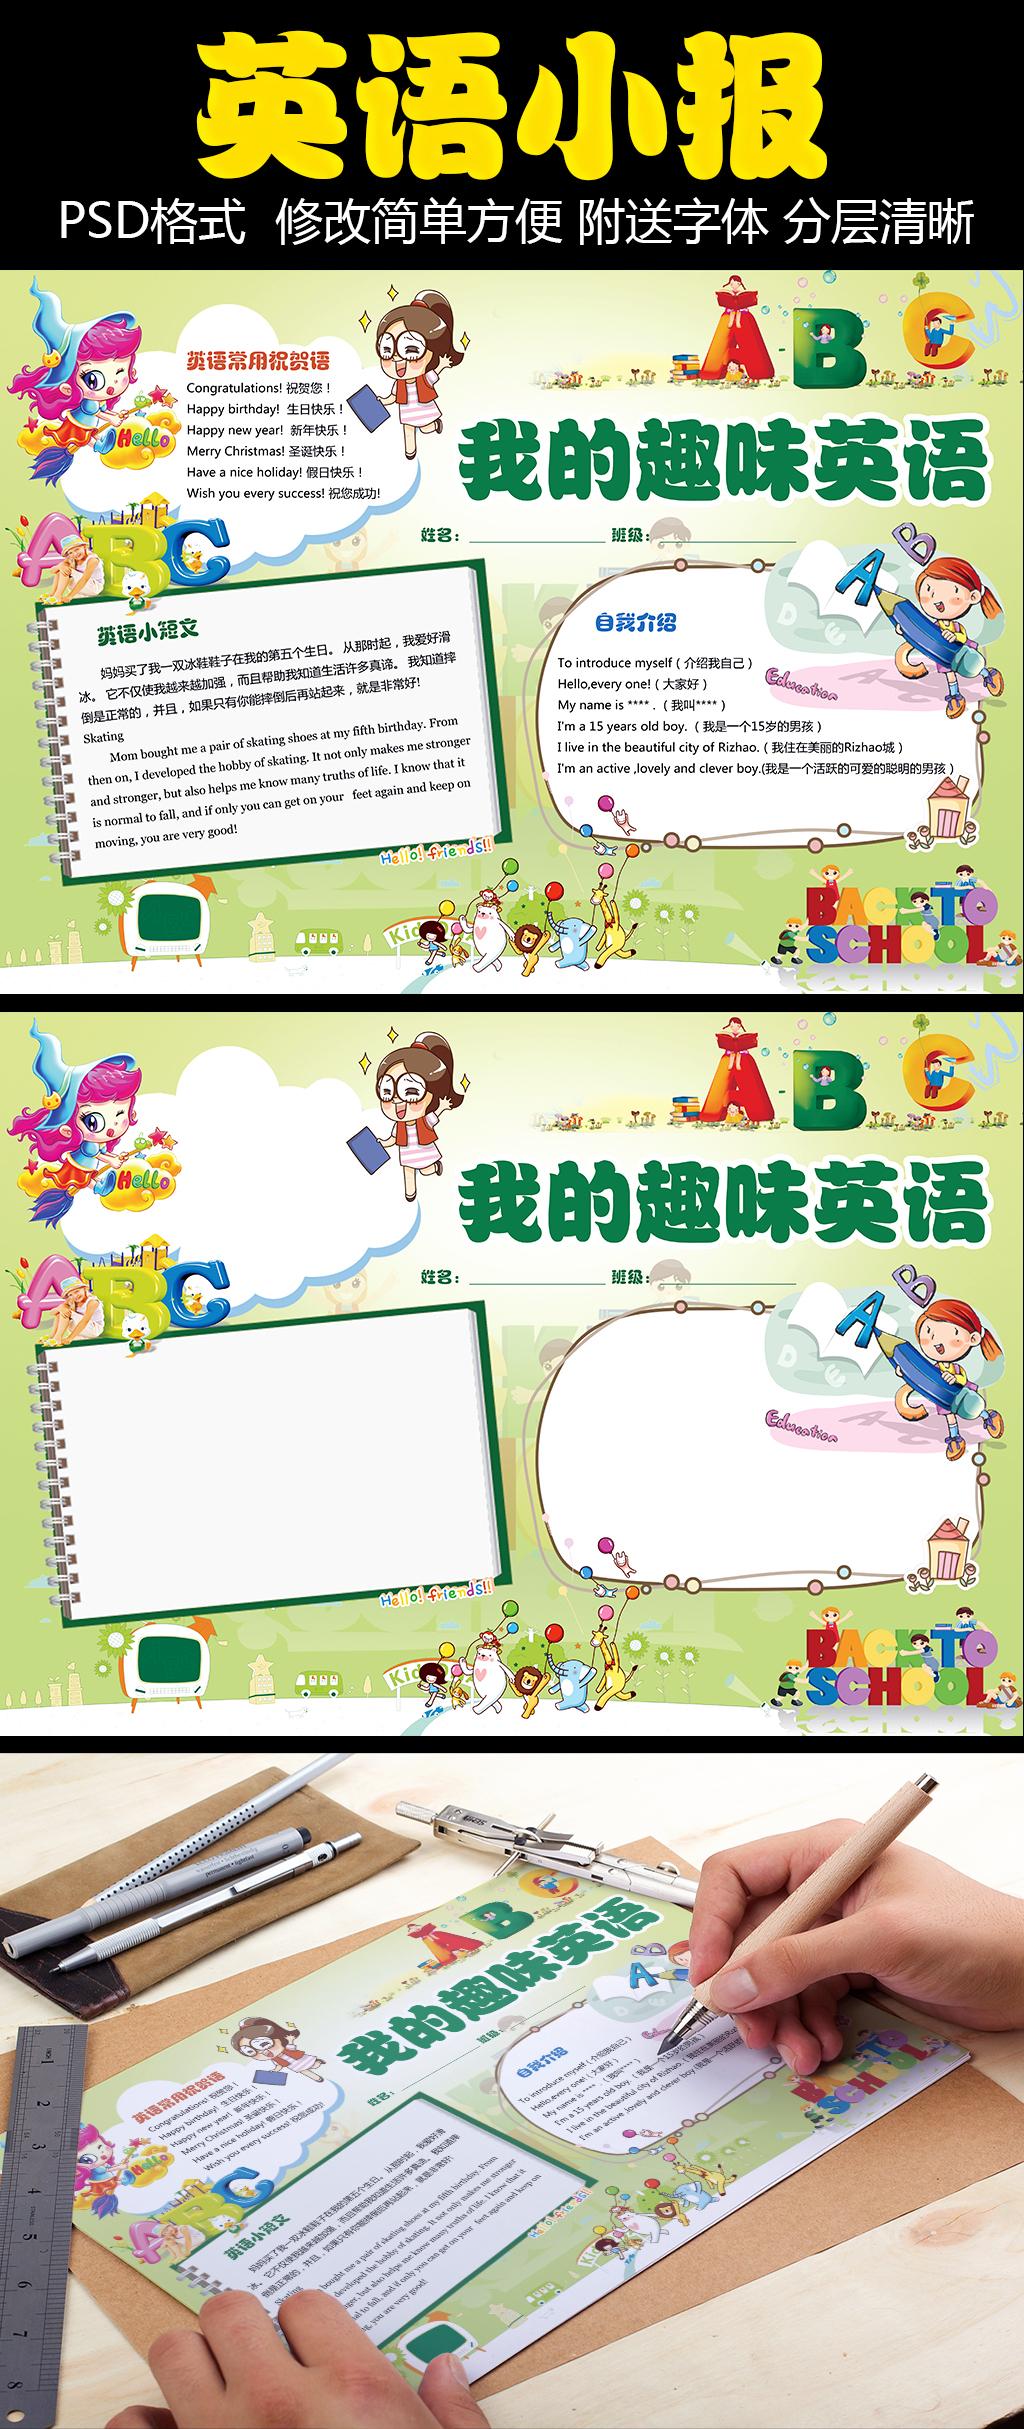 趣味英语小报爱学习趣味英语手抄报模板图片素材 其他格式 下载 大全